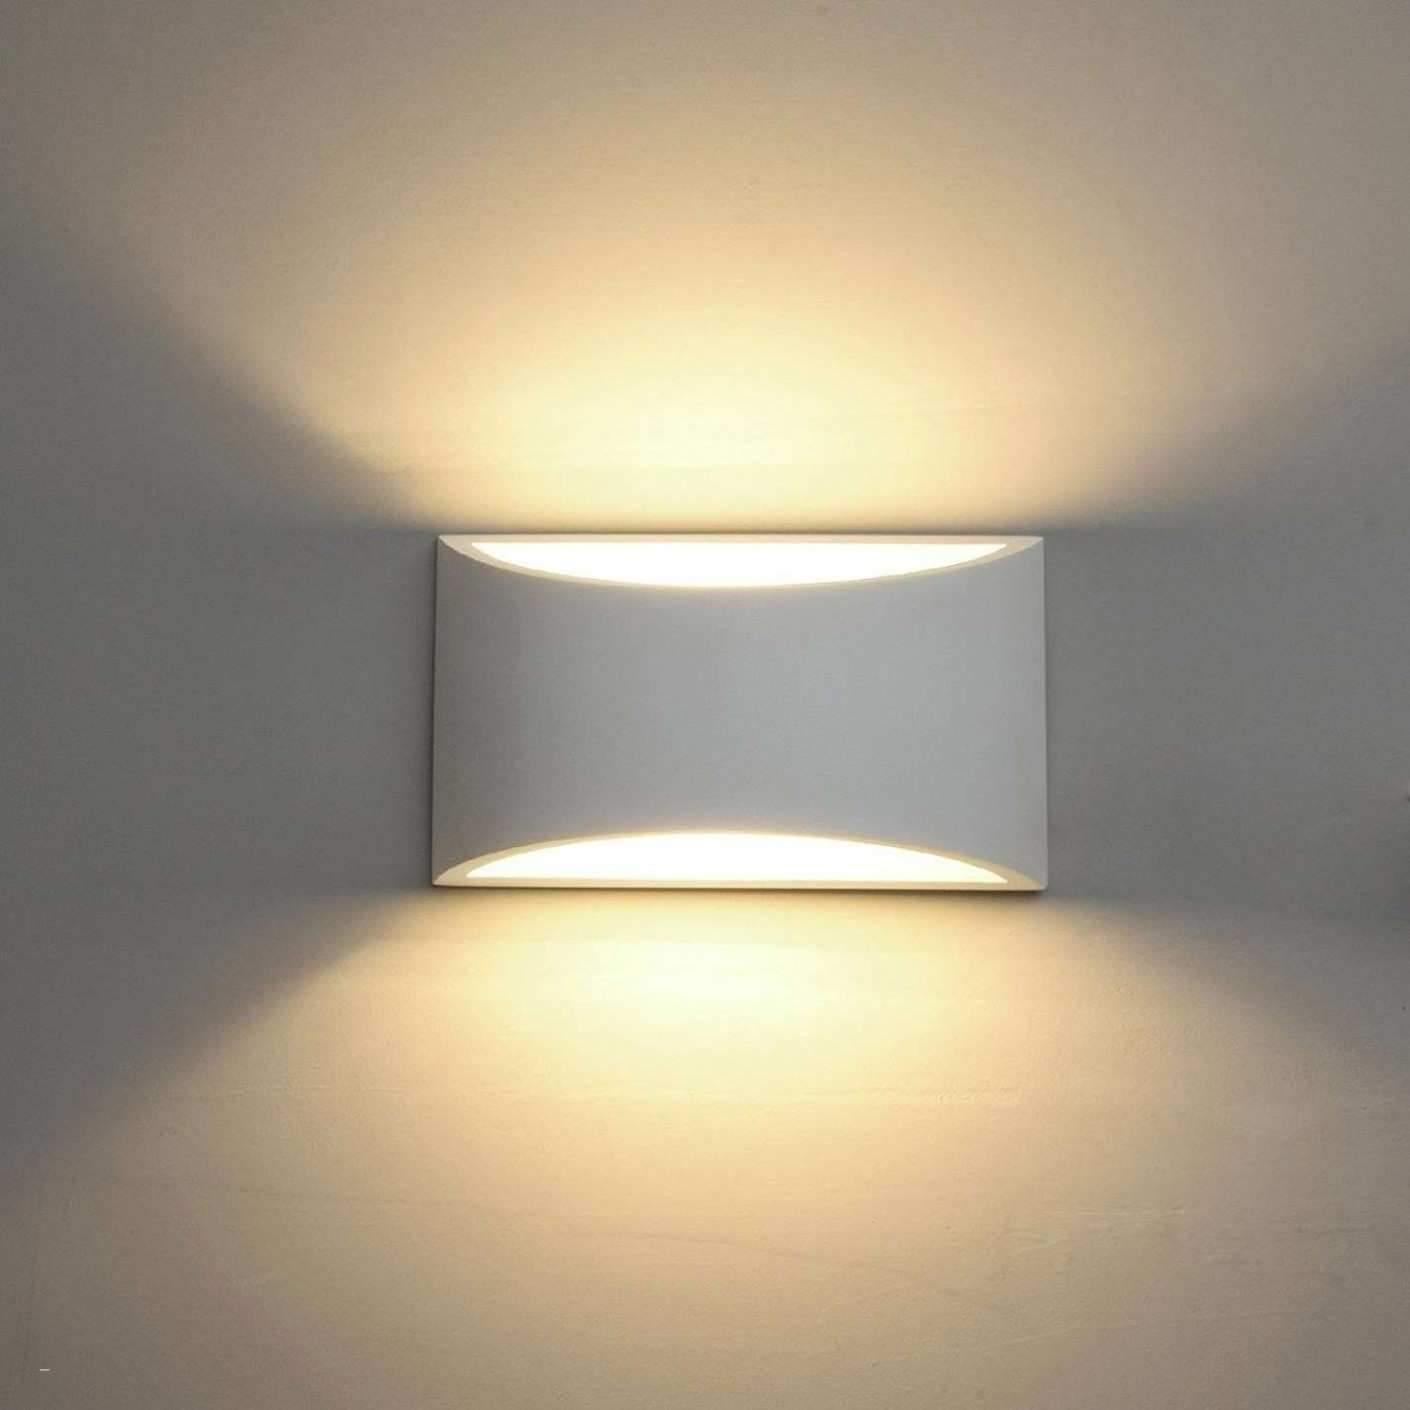 Full Size of Ikea Deckenlampe Lampen Wohnzimmer Frisch Das Beste Von Modulküche Bad Miniküche Küche Schlafzimmer Deckenlampen Für Kaufen Kosten Betten 160x200 Modern Wohnzimmer Ikea Deckenlampe